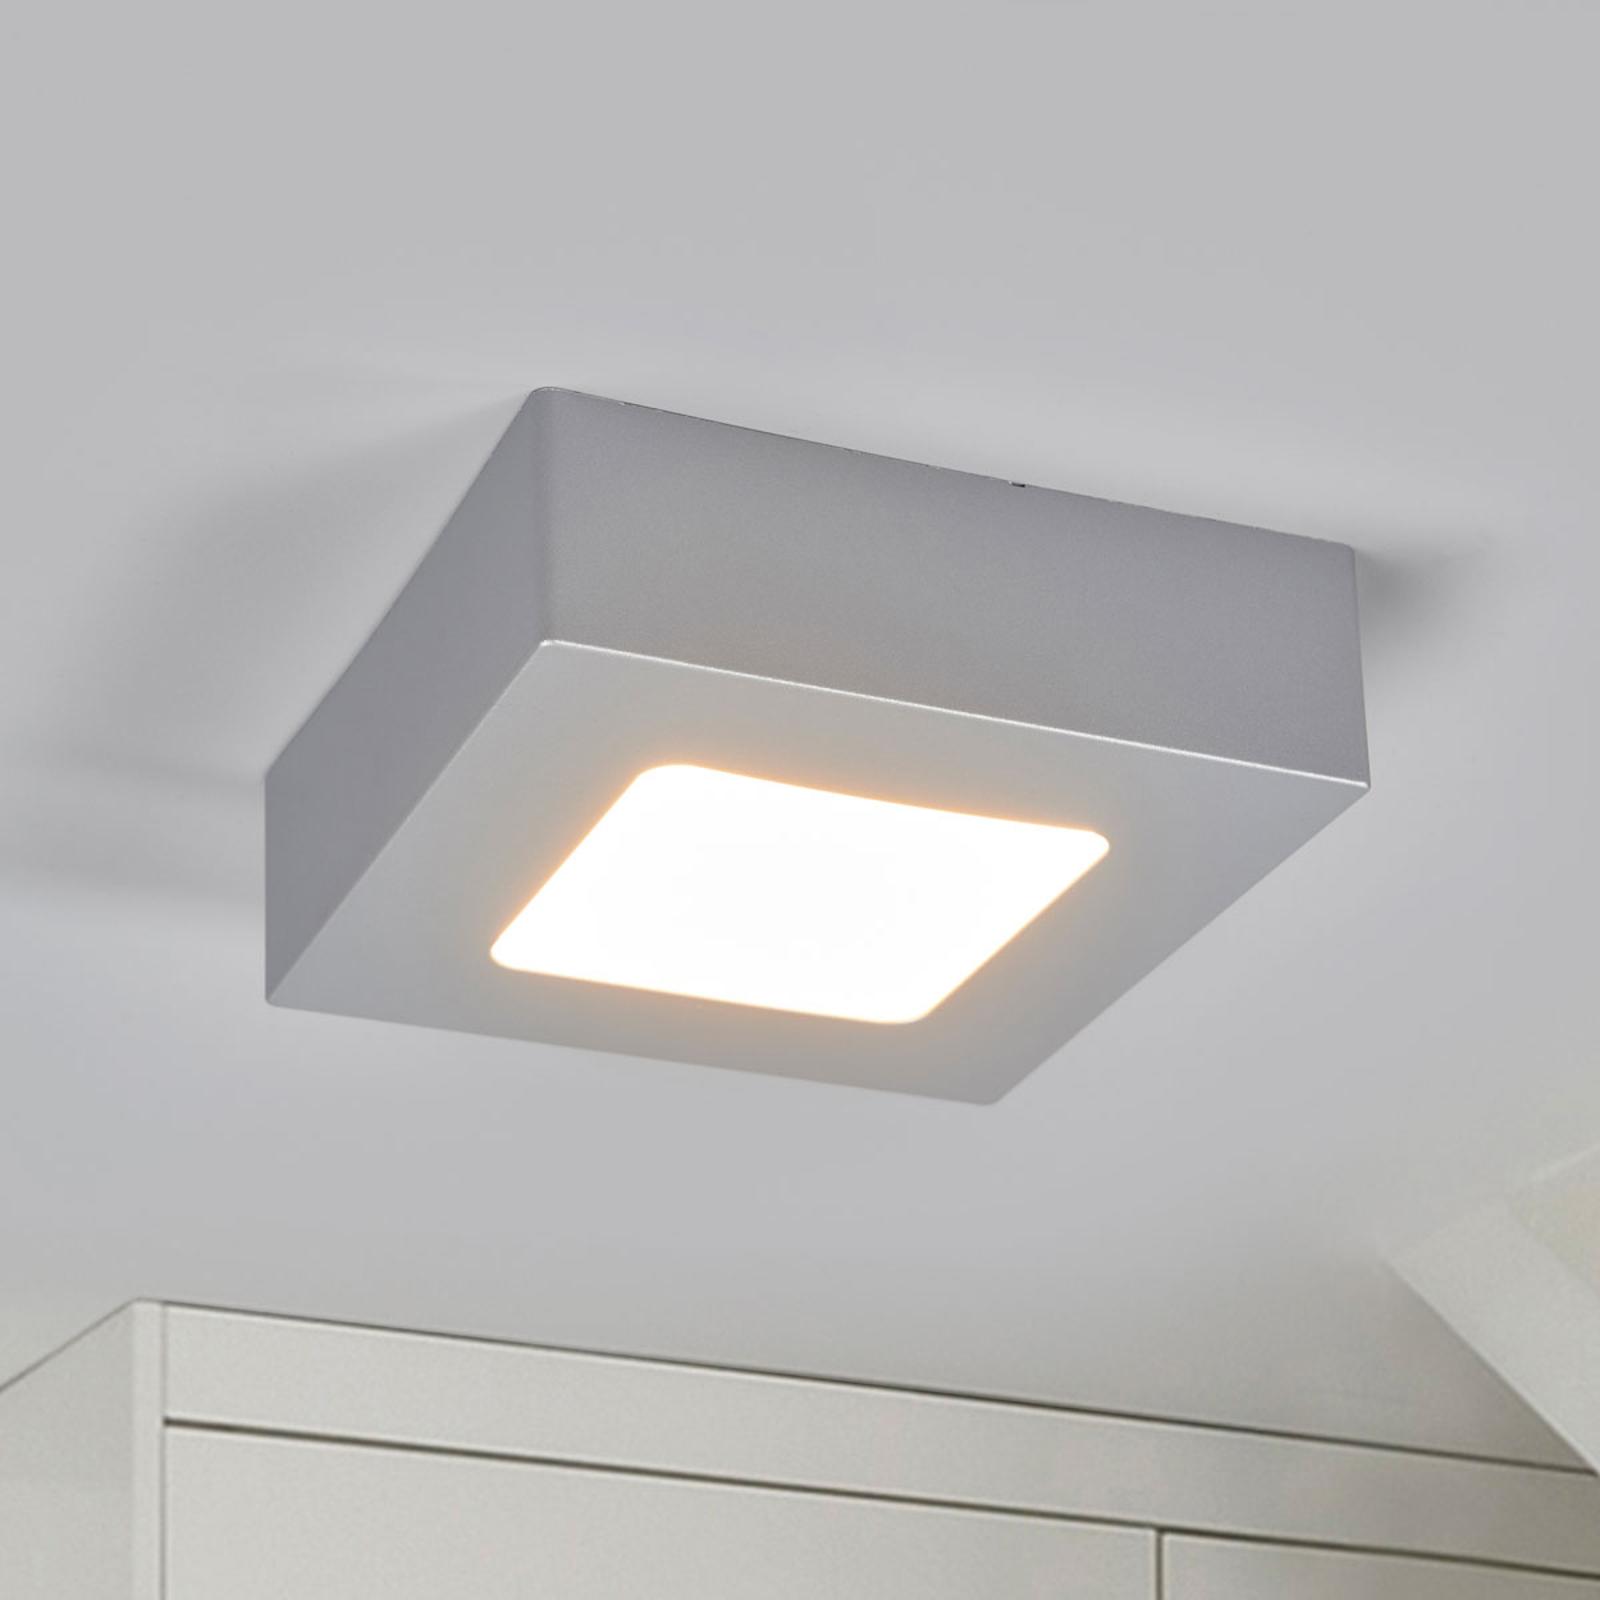 Lámpara LED de techo Marlo, 3000K angular 12,8cm